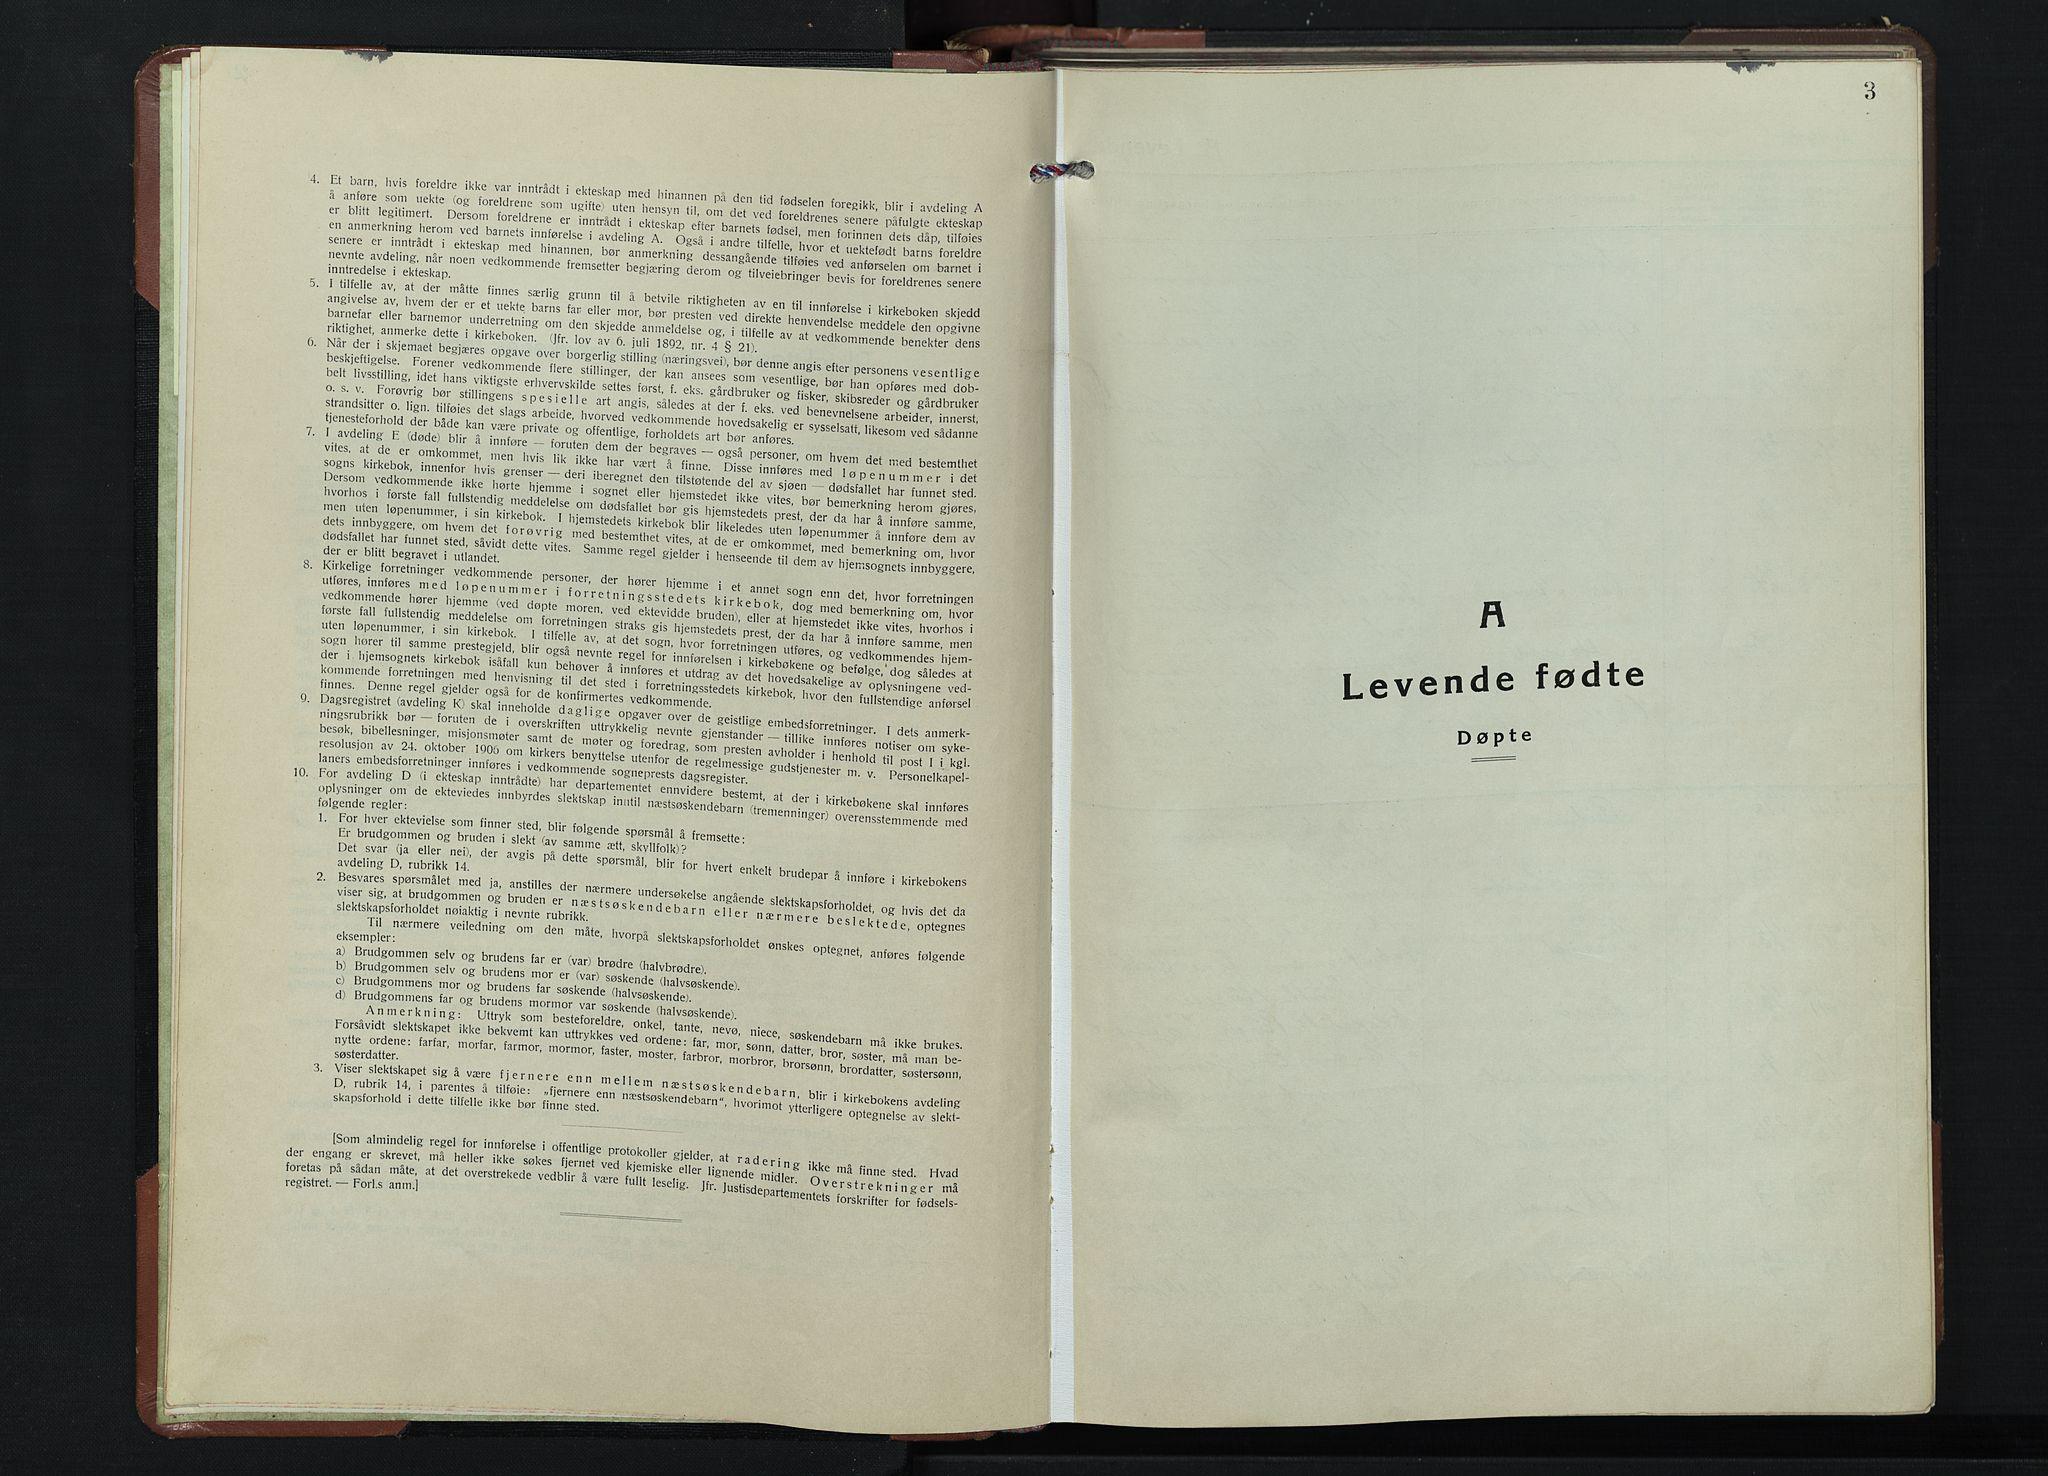 SAH, Gjøvik prestekontor, Klokkerbok nr. 1, 1941-1951, s. 3